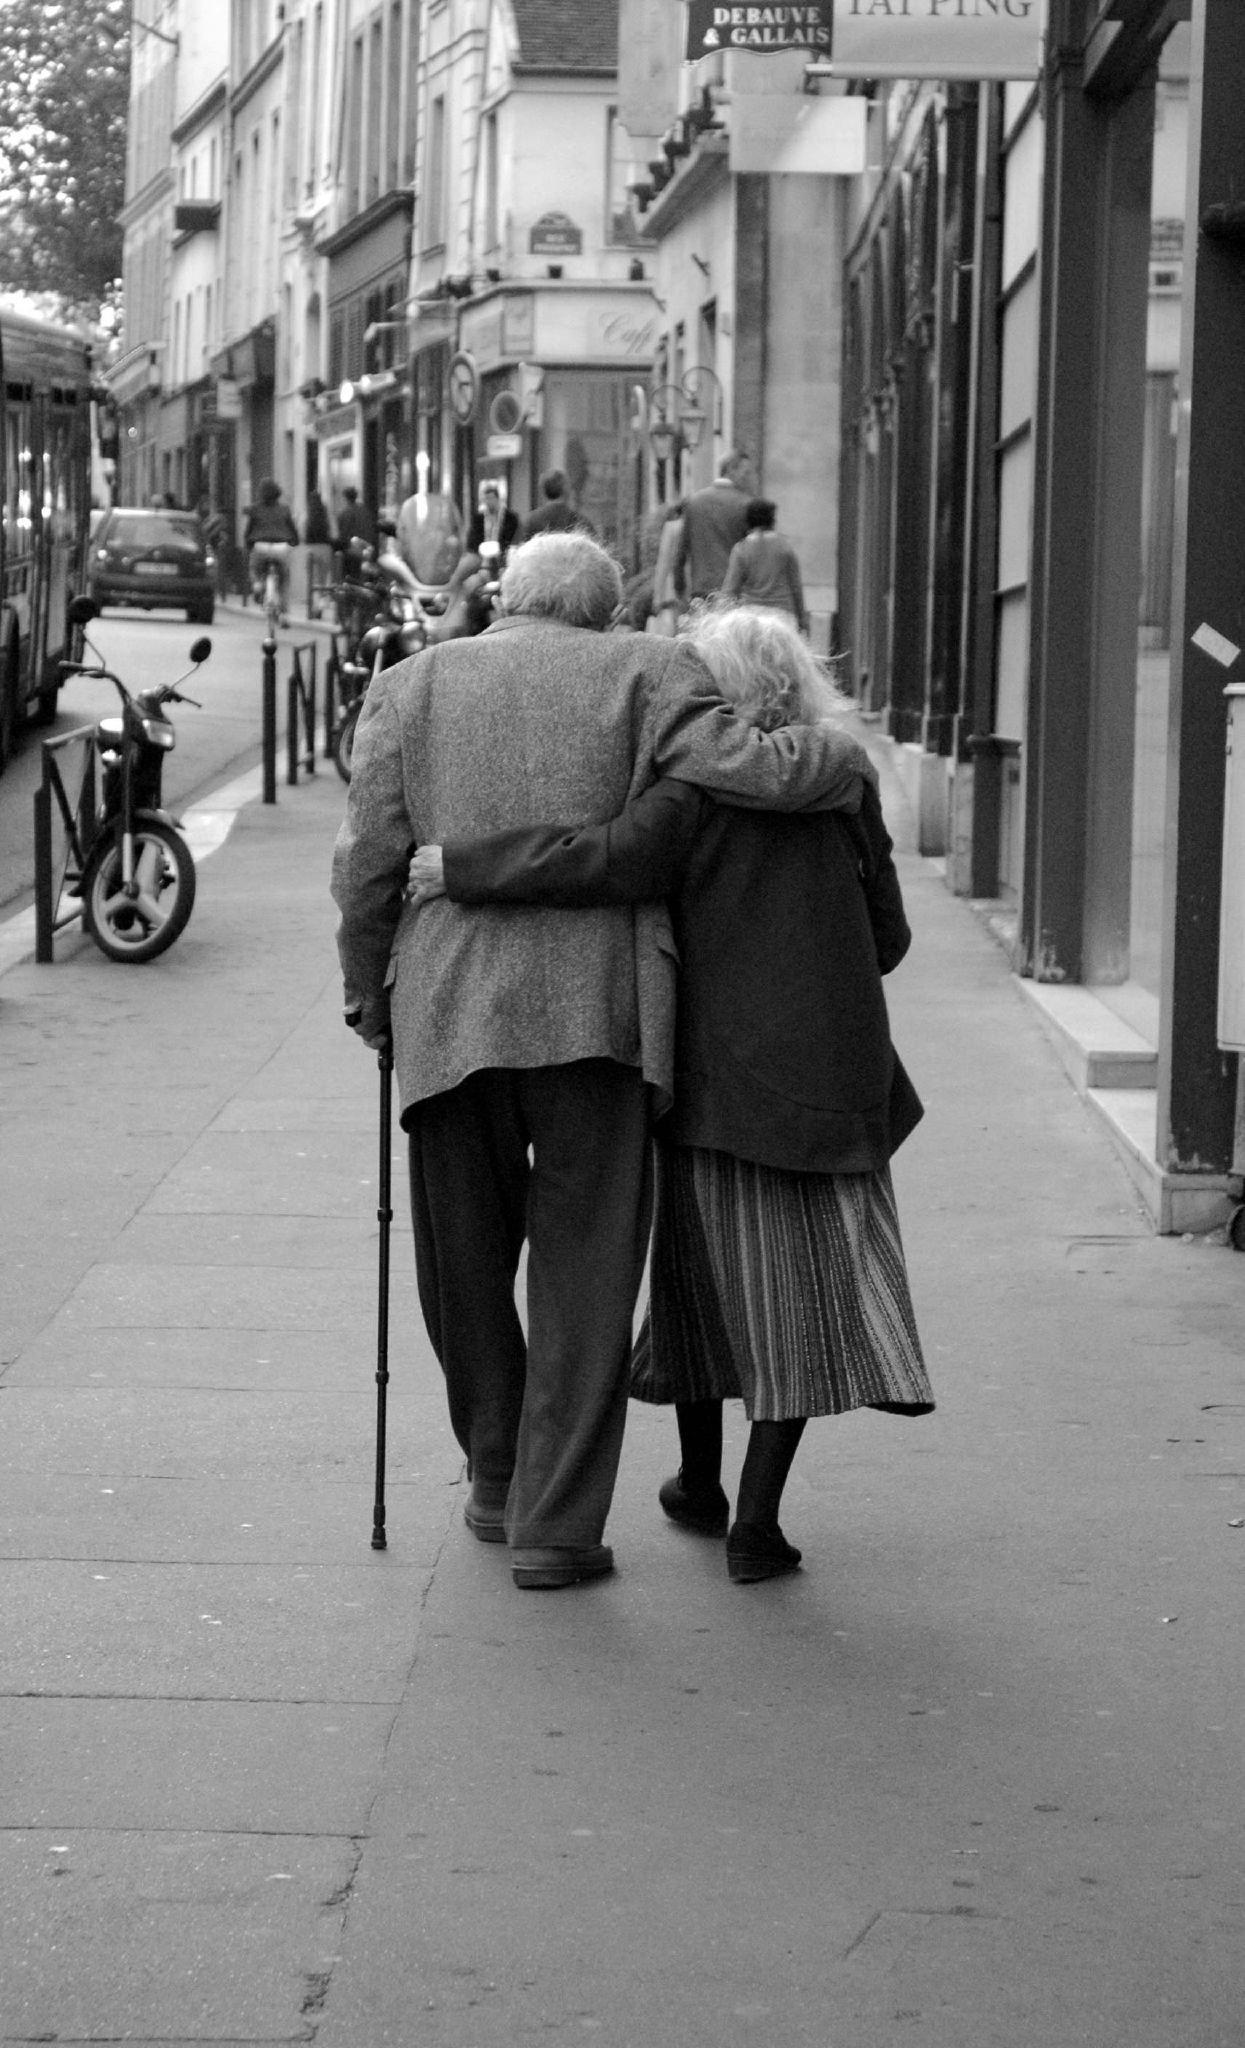 http://www.okchicas.com/wp-content/uploads/2015/03/Cosas-que-has-hecho-si-te-has-enamorado-31.jpg